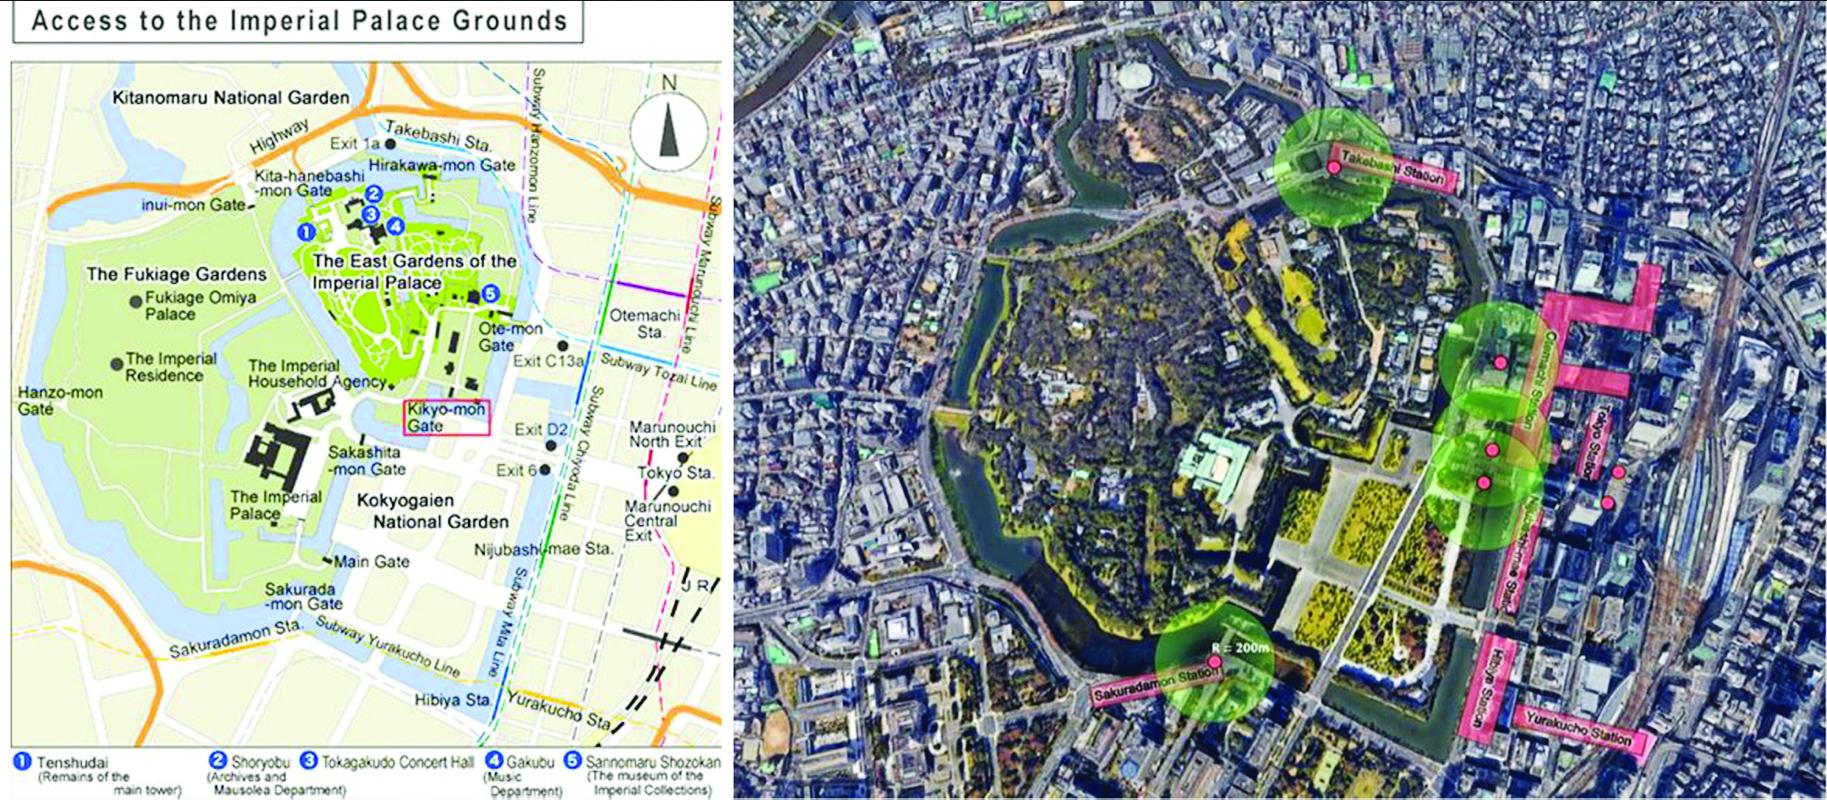 Tài liệu hướng dẫn du lịch của Nhật Bản cho biết có 5 cửa lên từ các ga ngầm, đến cổng gần nhất 250m. Hanoidata lập bản đồ Hoàng cung Tokyo và vị trí các nhà ga ngầm, các lối ra. Ký hiệu lấy nhà ga làm tâm, vòng tròn có R = 200m